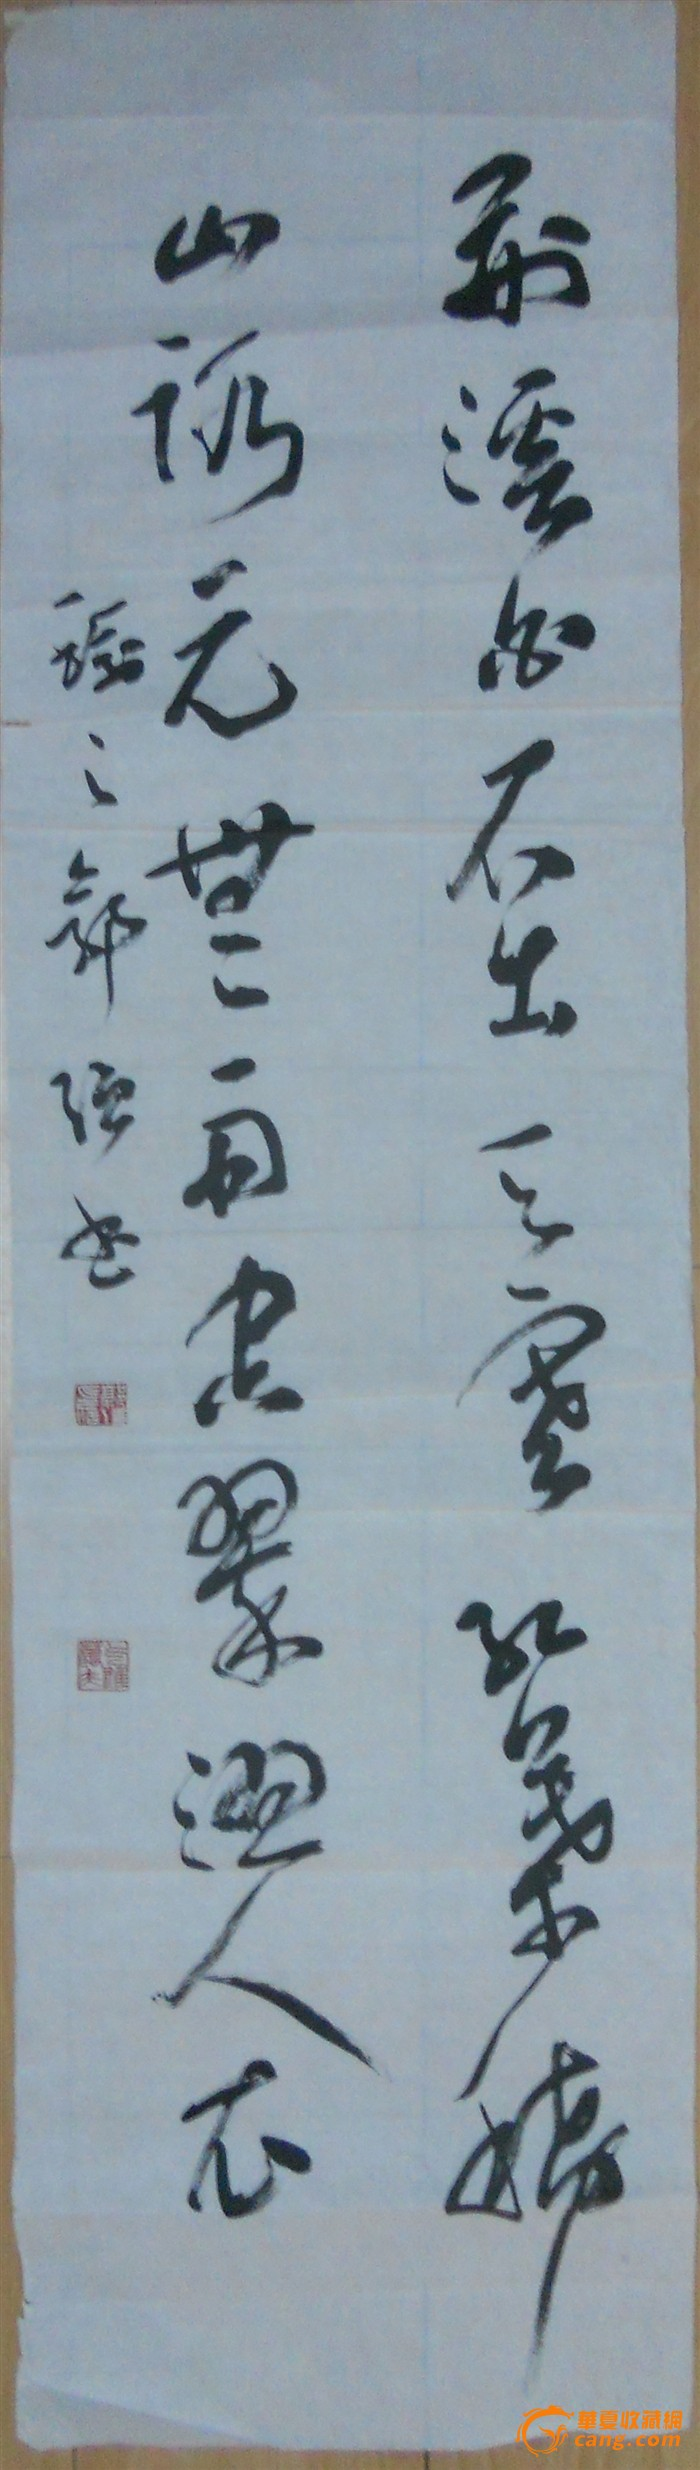 郭强——青岛市书法家协会副主席,新年惠让,更新中